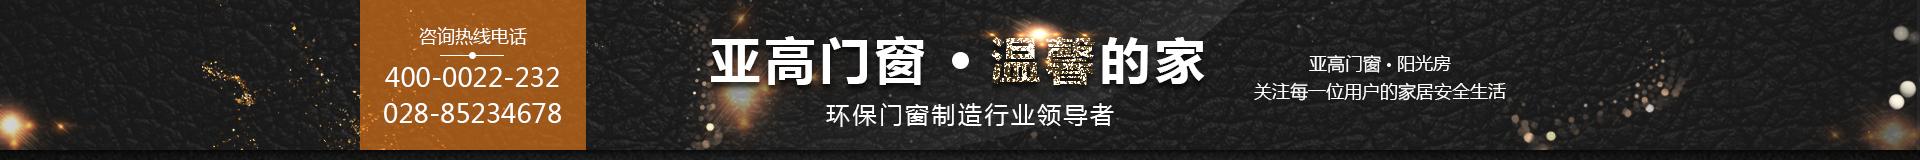 贝博官网appBB平台